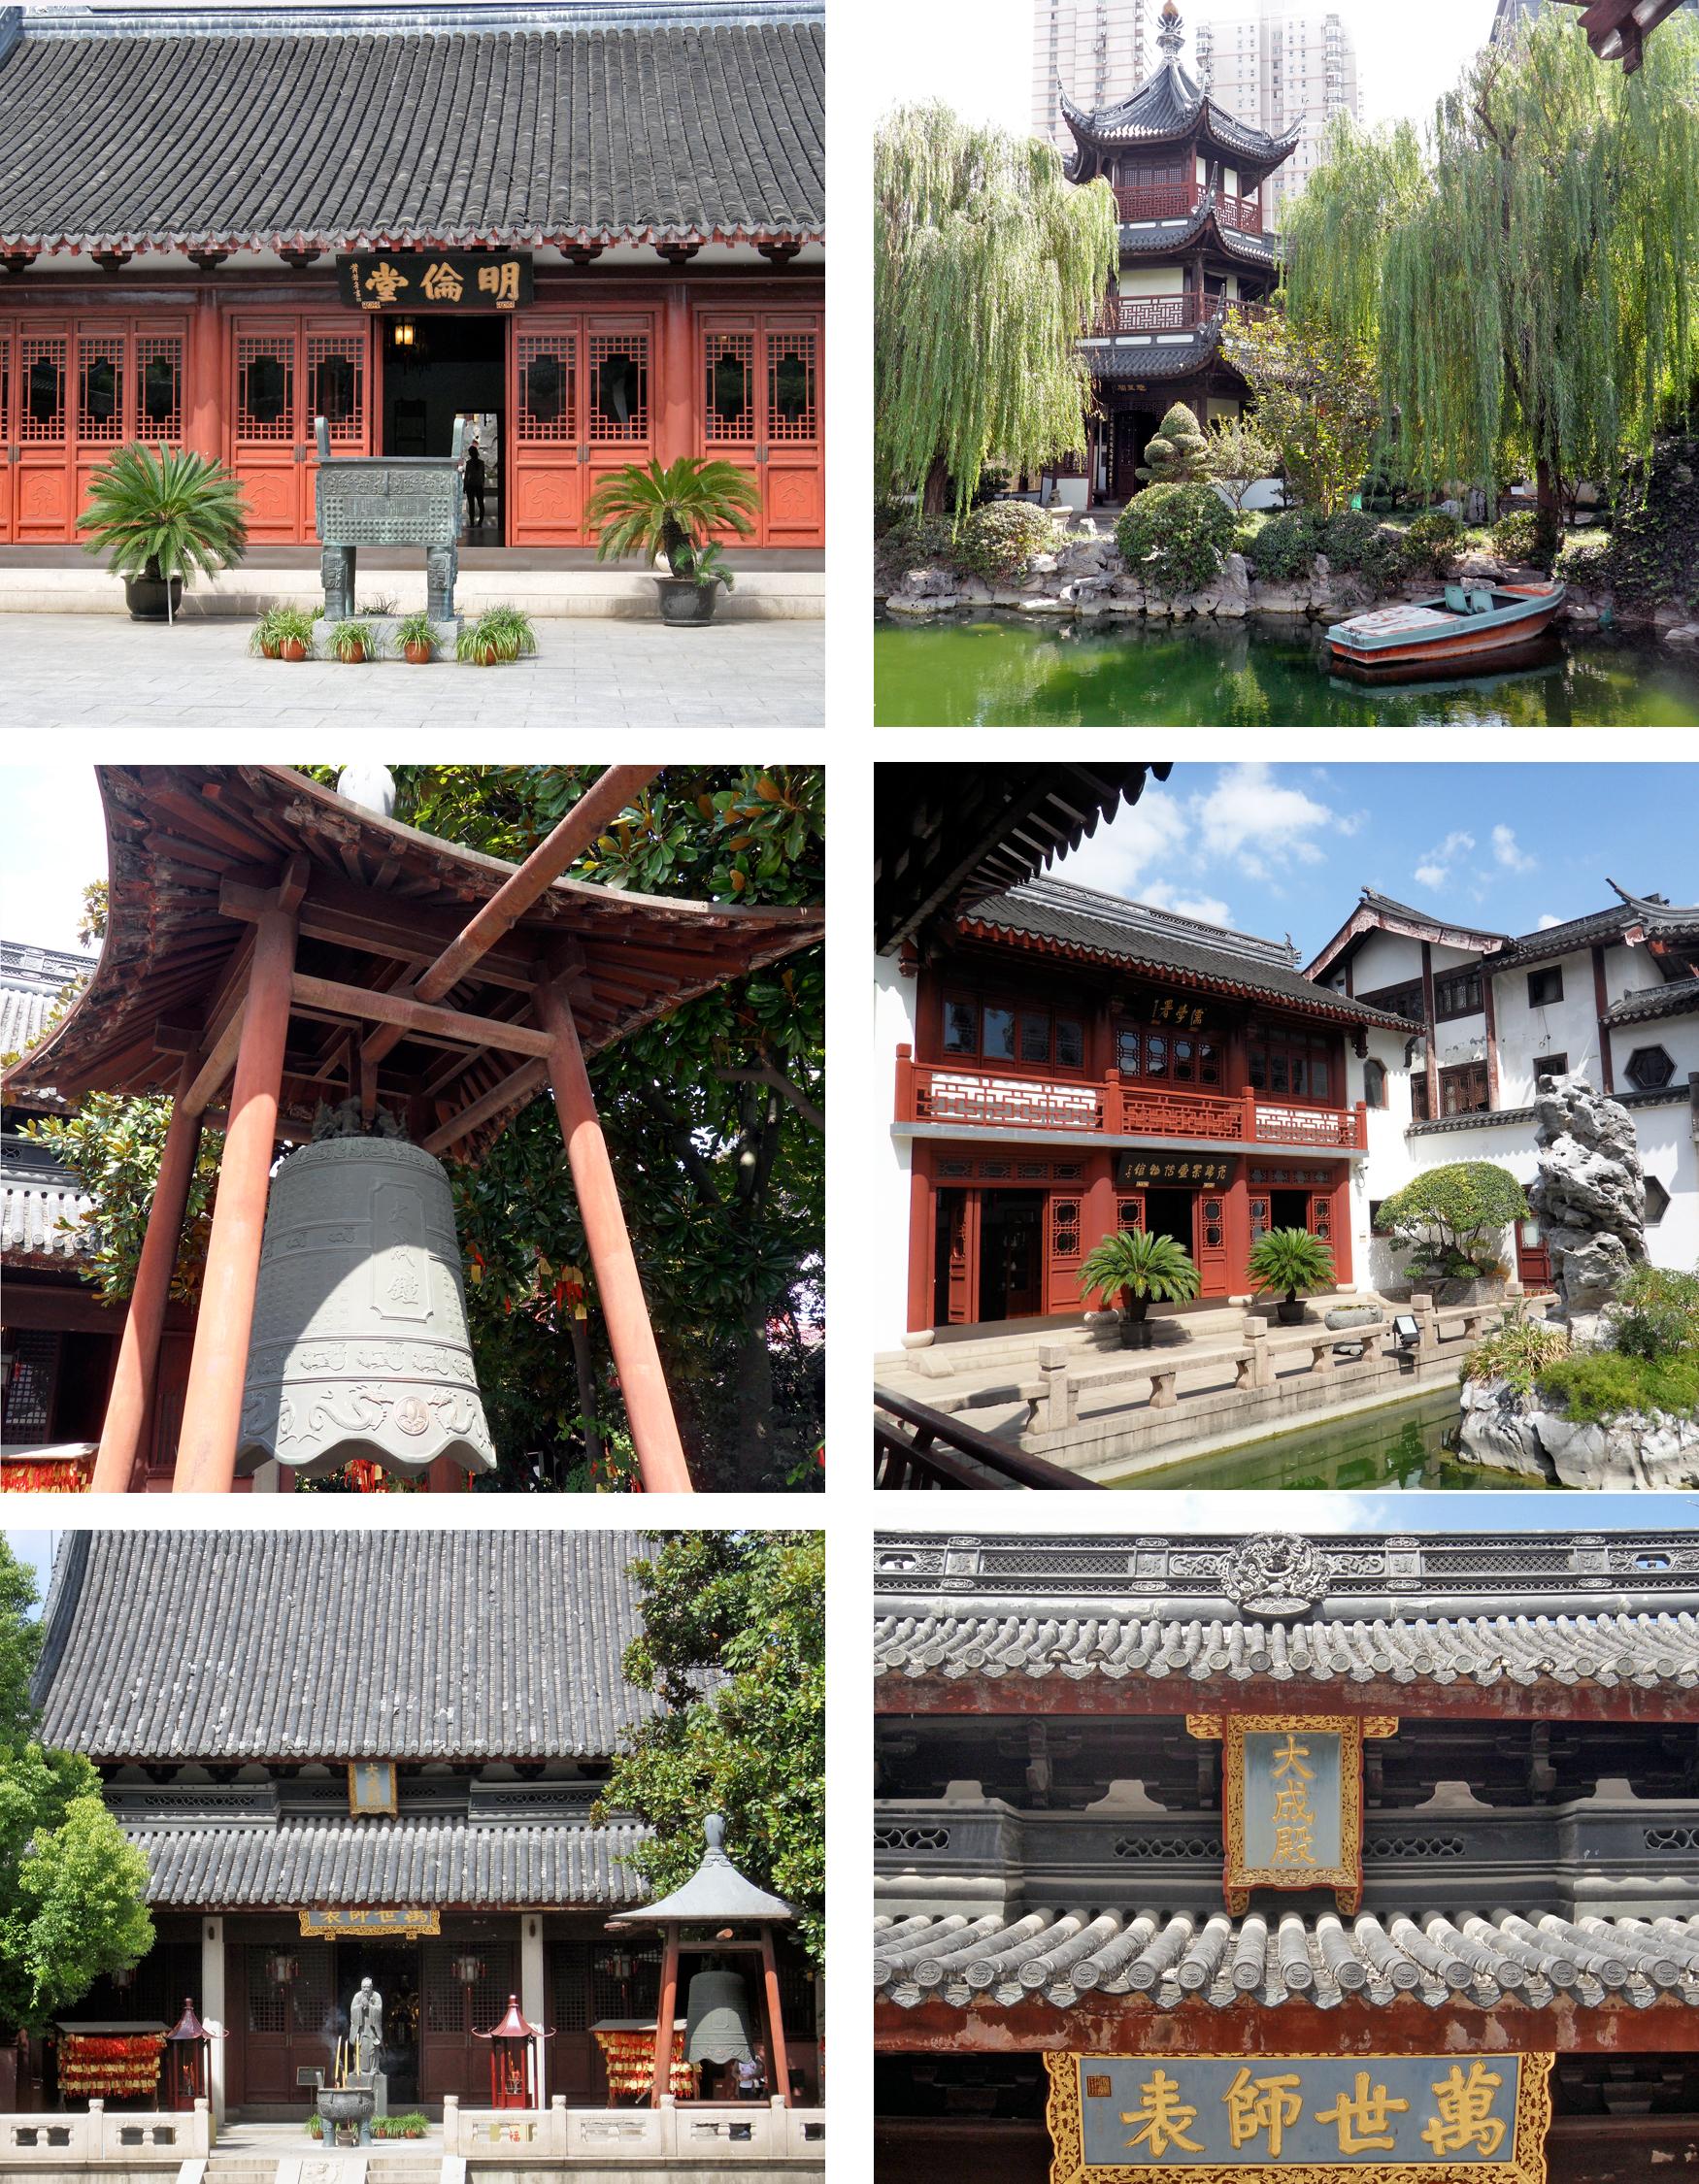 shanghai-confucius-temple